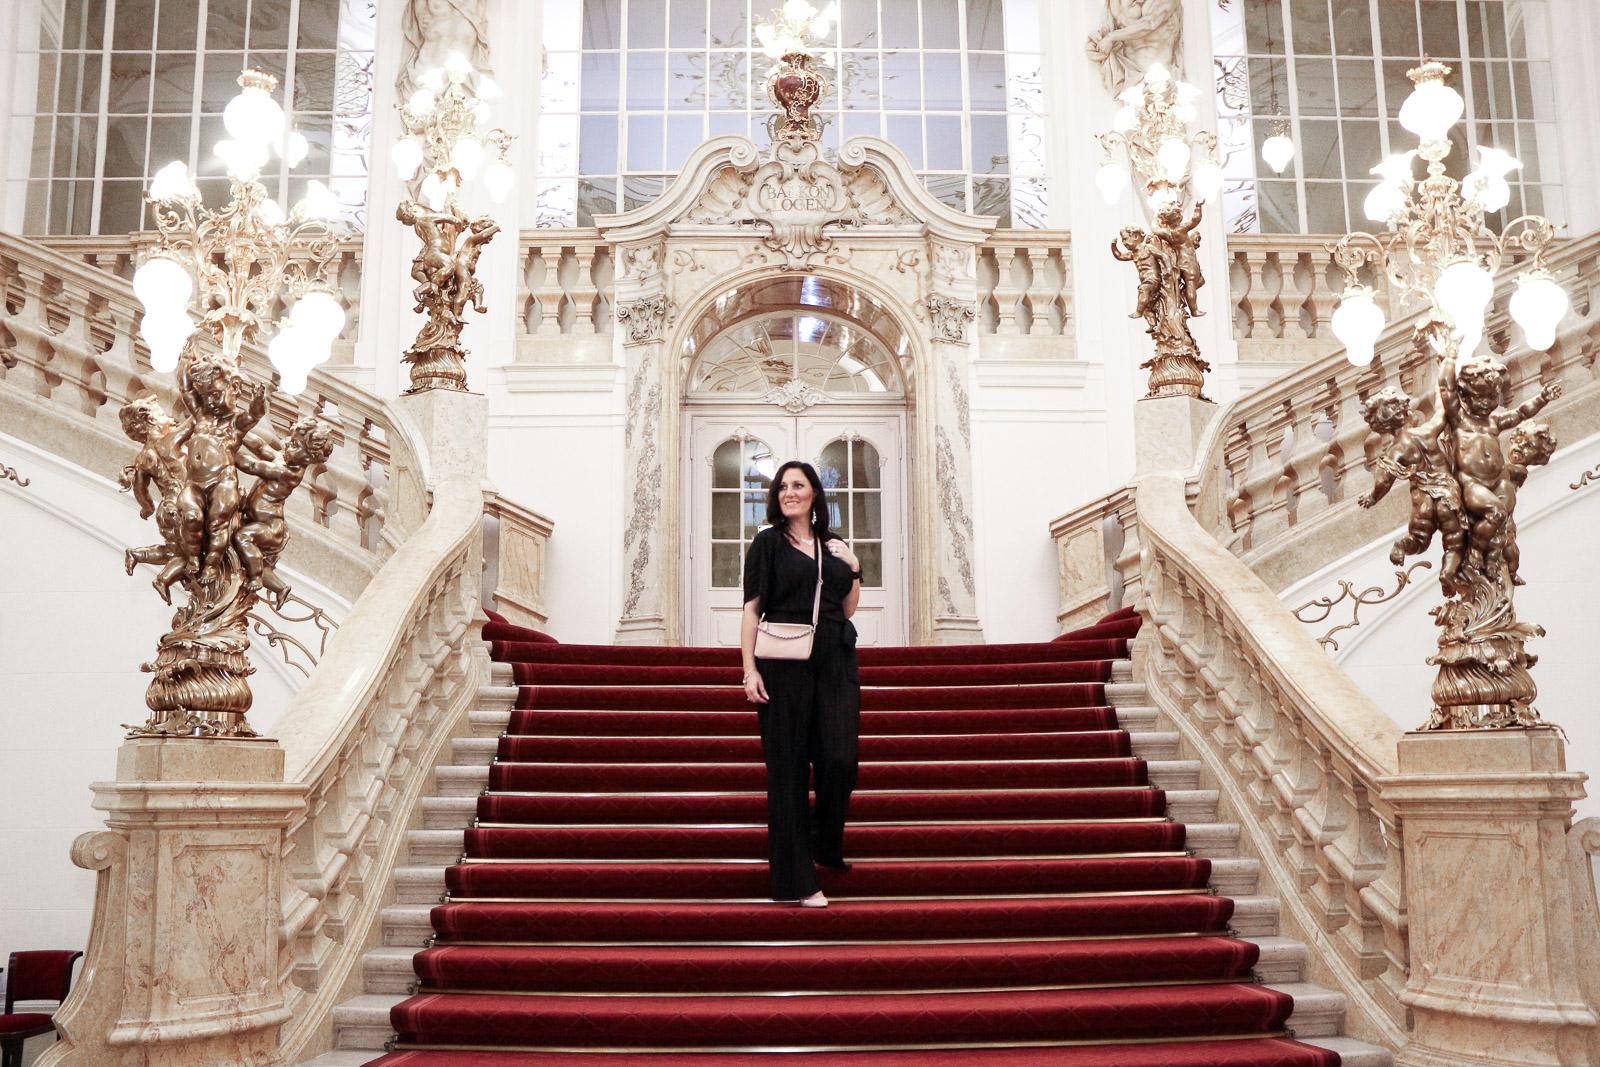 OUTFIT Glamouröser Silvester Look in der Grazer Oper - 4Stylez4U, Miss Classy, Grazer Fashion Blog, Lifestyle Blog, Bloggerin Graz, classy Fashion, Glamouröser Overall von H&M, Classy Jumpsuit, Pumps, High Heels, Oper Graz, Grazer Oper, Glamour, Schmuck von Swarovski